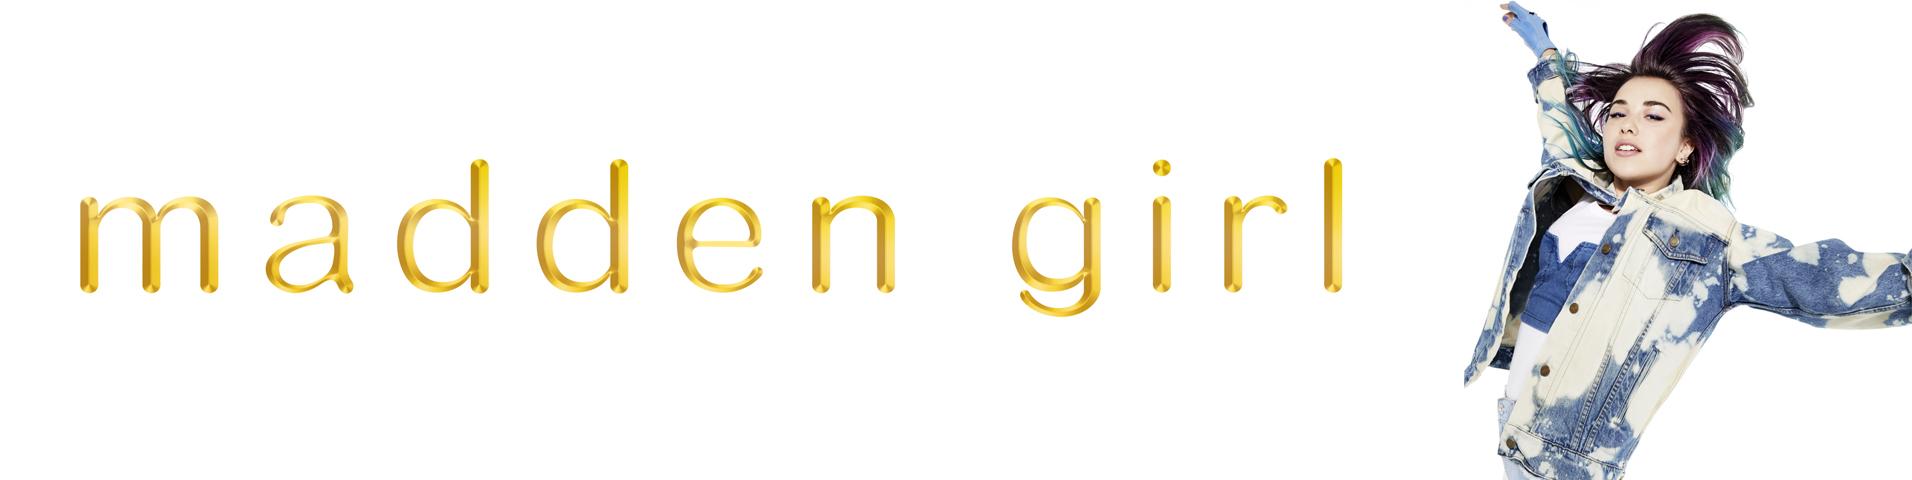 Madden Online Zalando Collezione Nuova La Girl Su wpxRwvfq